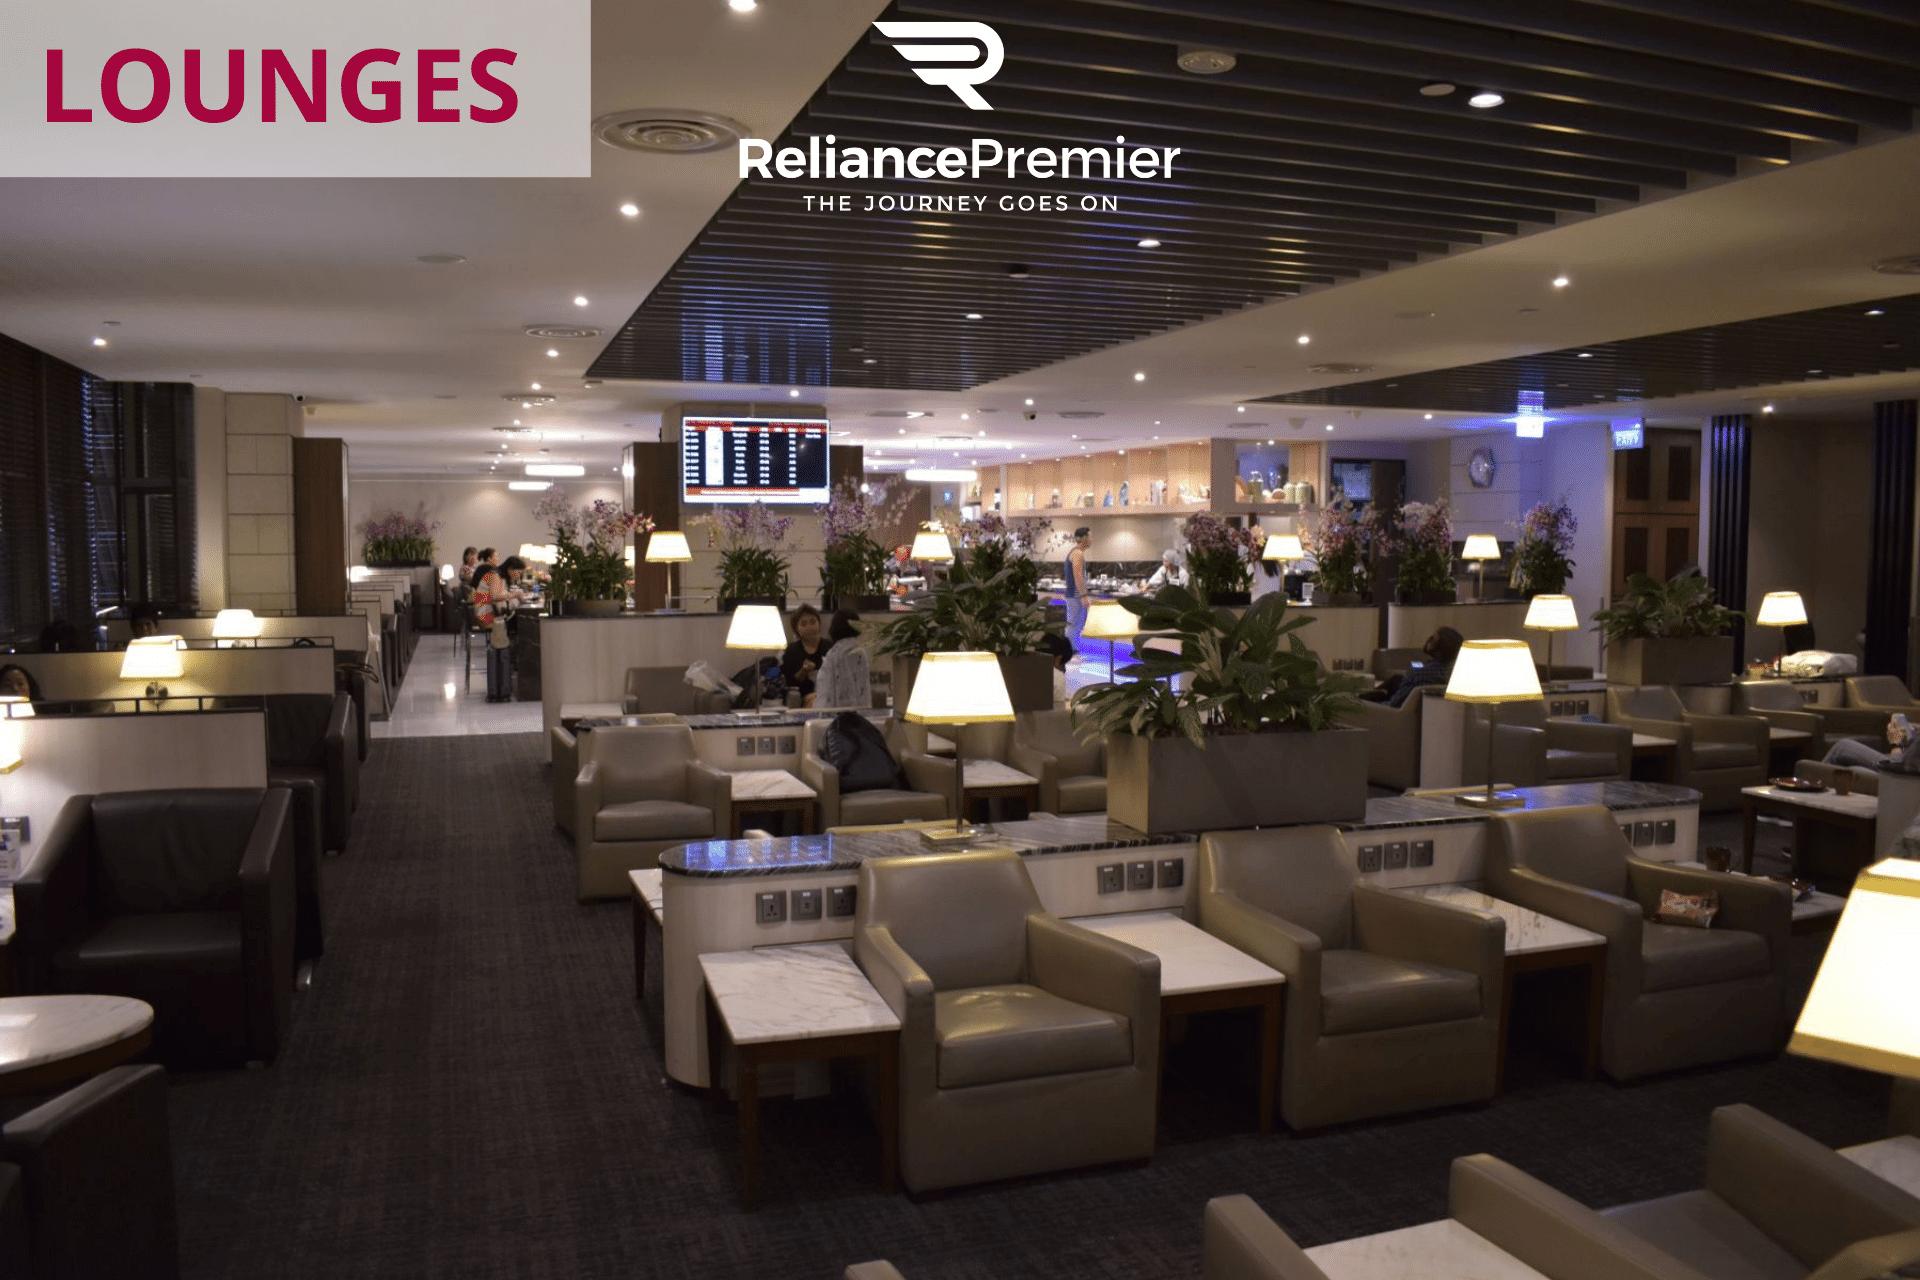 Qatar Airways Lounges